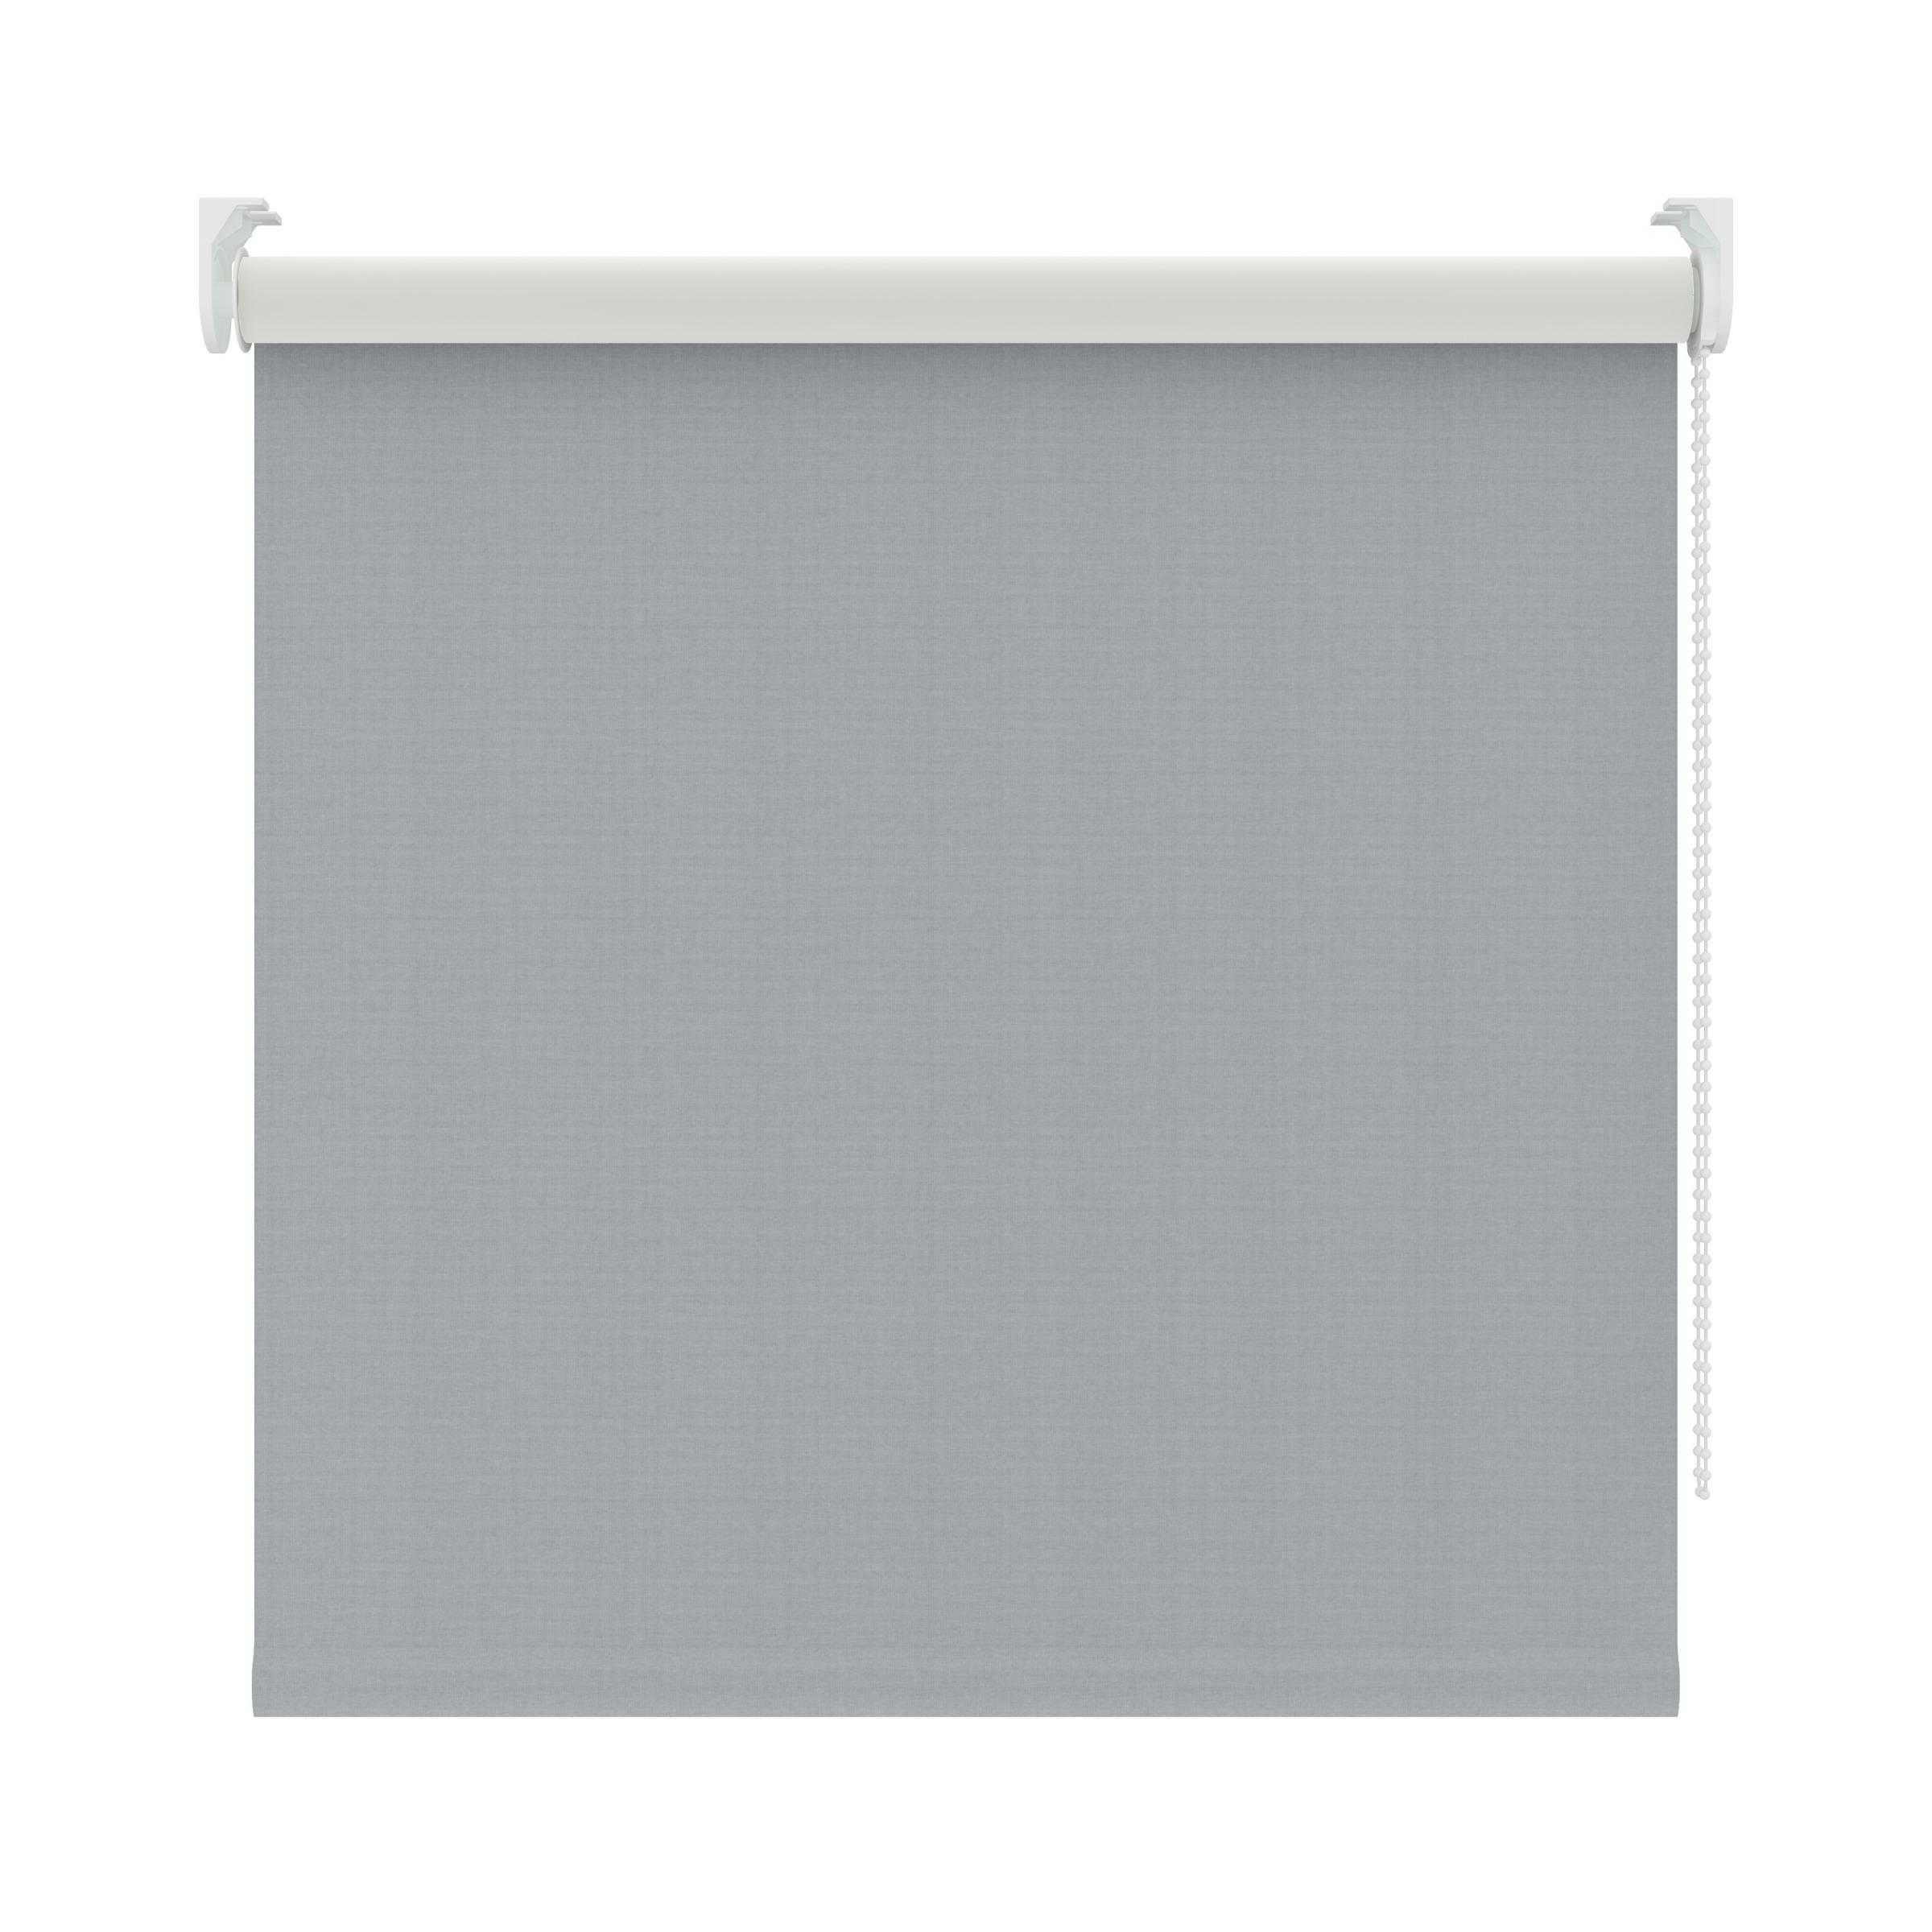 KARWEI rolgordijn verduisterend grijs (1337) 90 x 190 cm